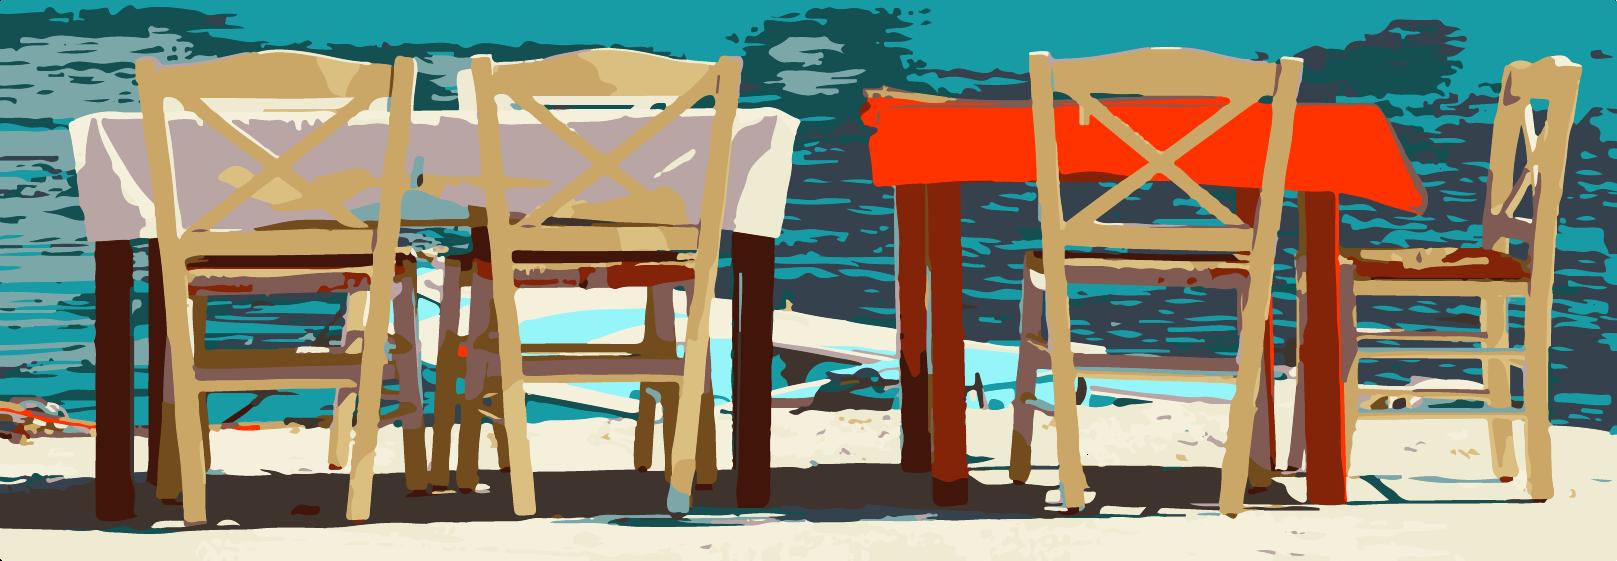 Restaurant tables on the beach